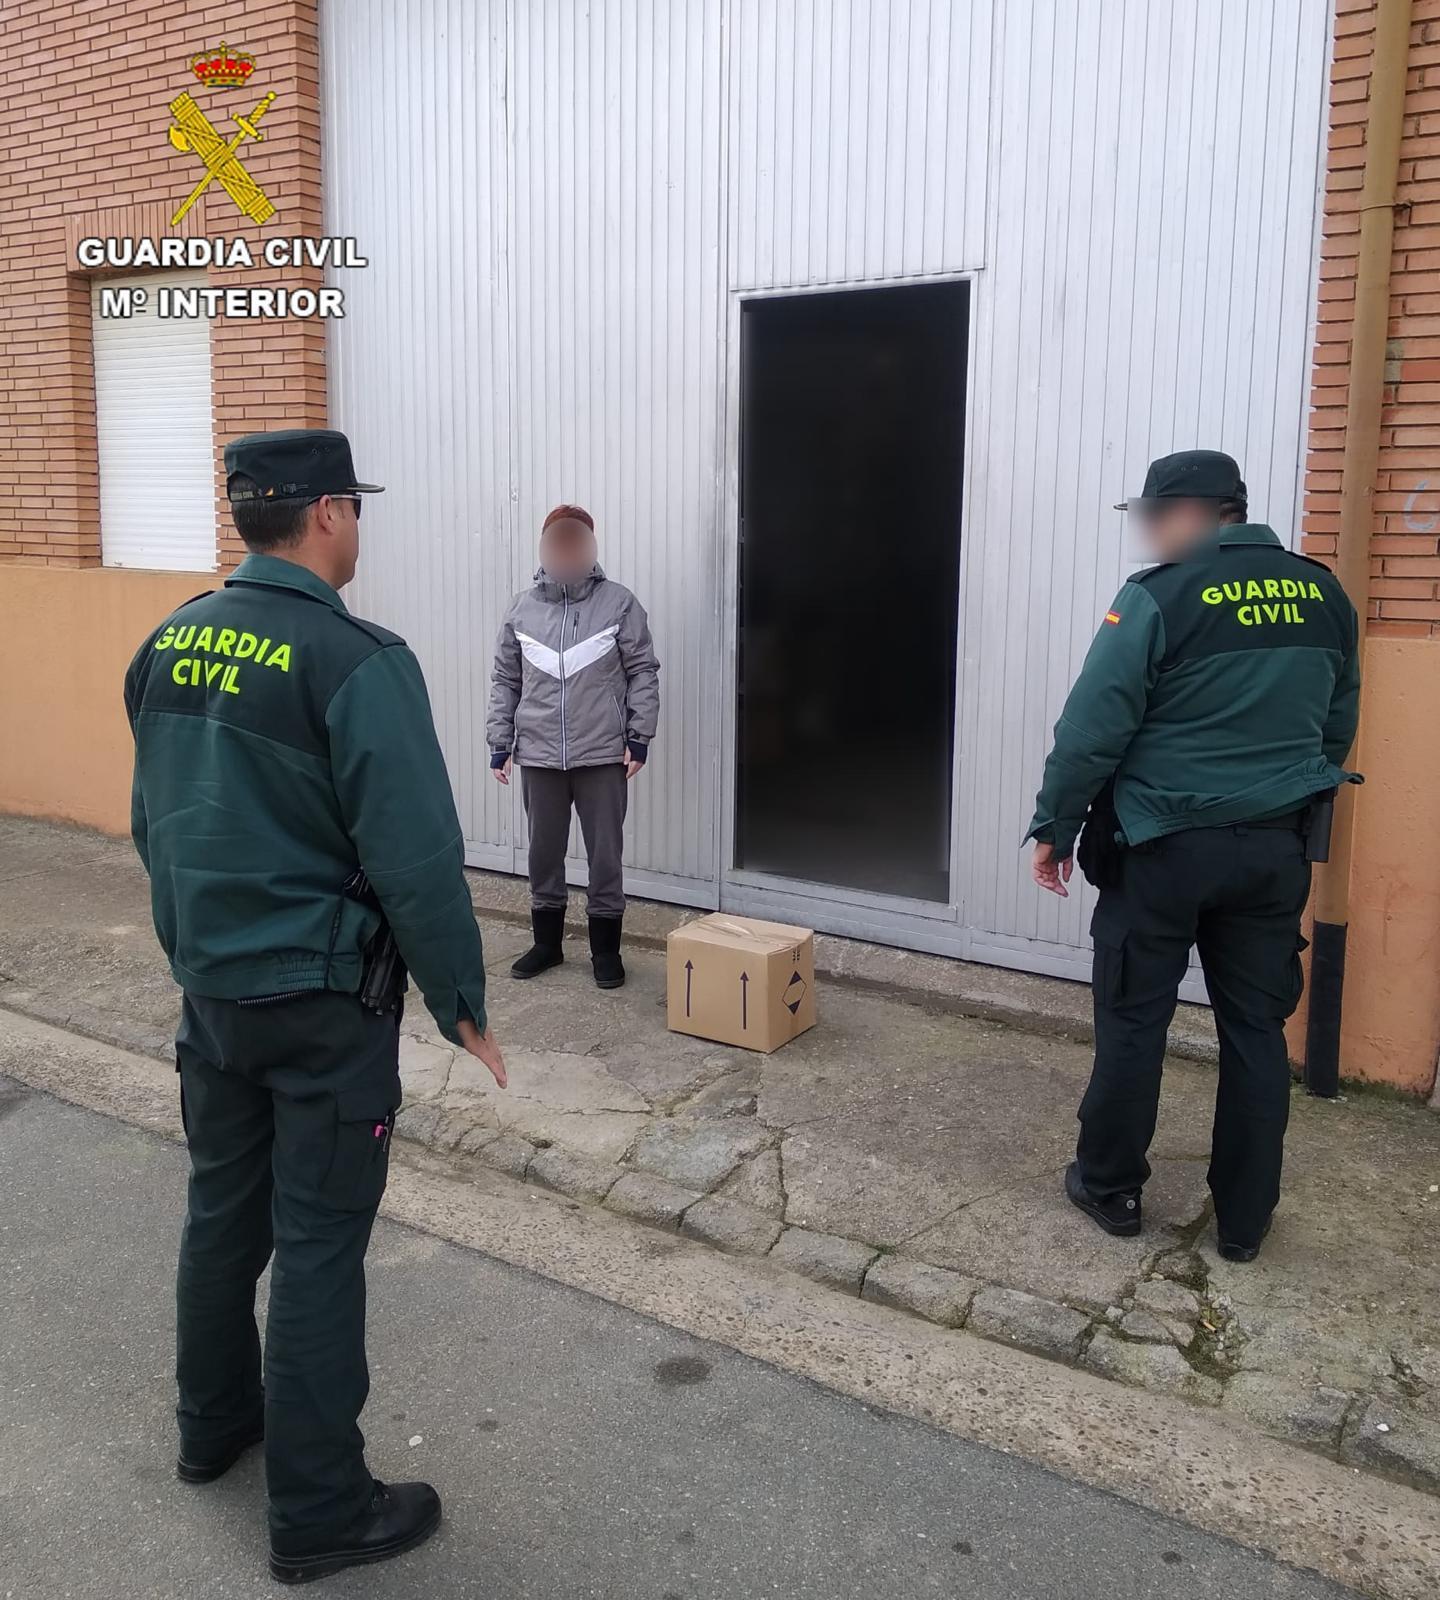 La Guardia Civil reparte material sanitario para combatir al coronavirus